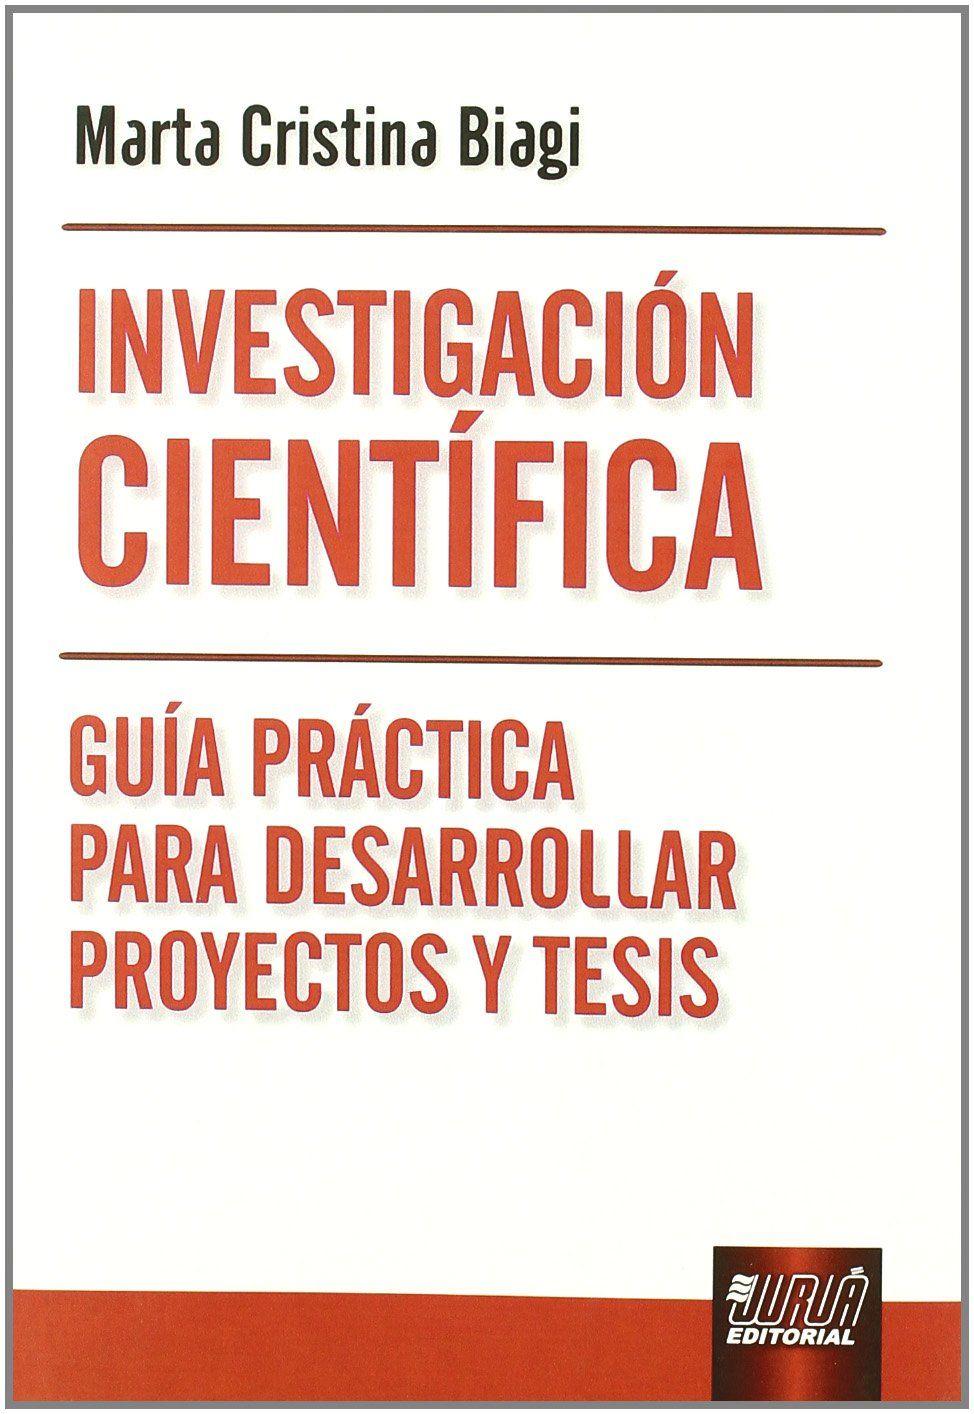 Investigacion Cientifica Guia Practica Para Desarrollar